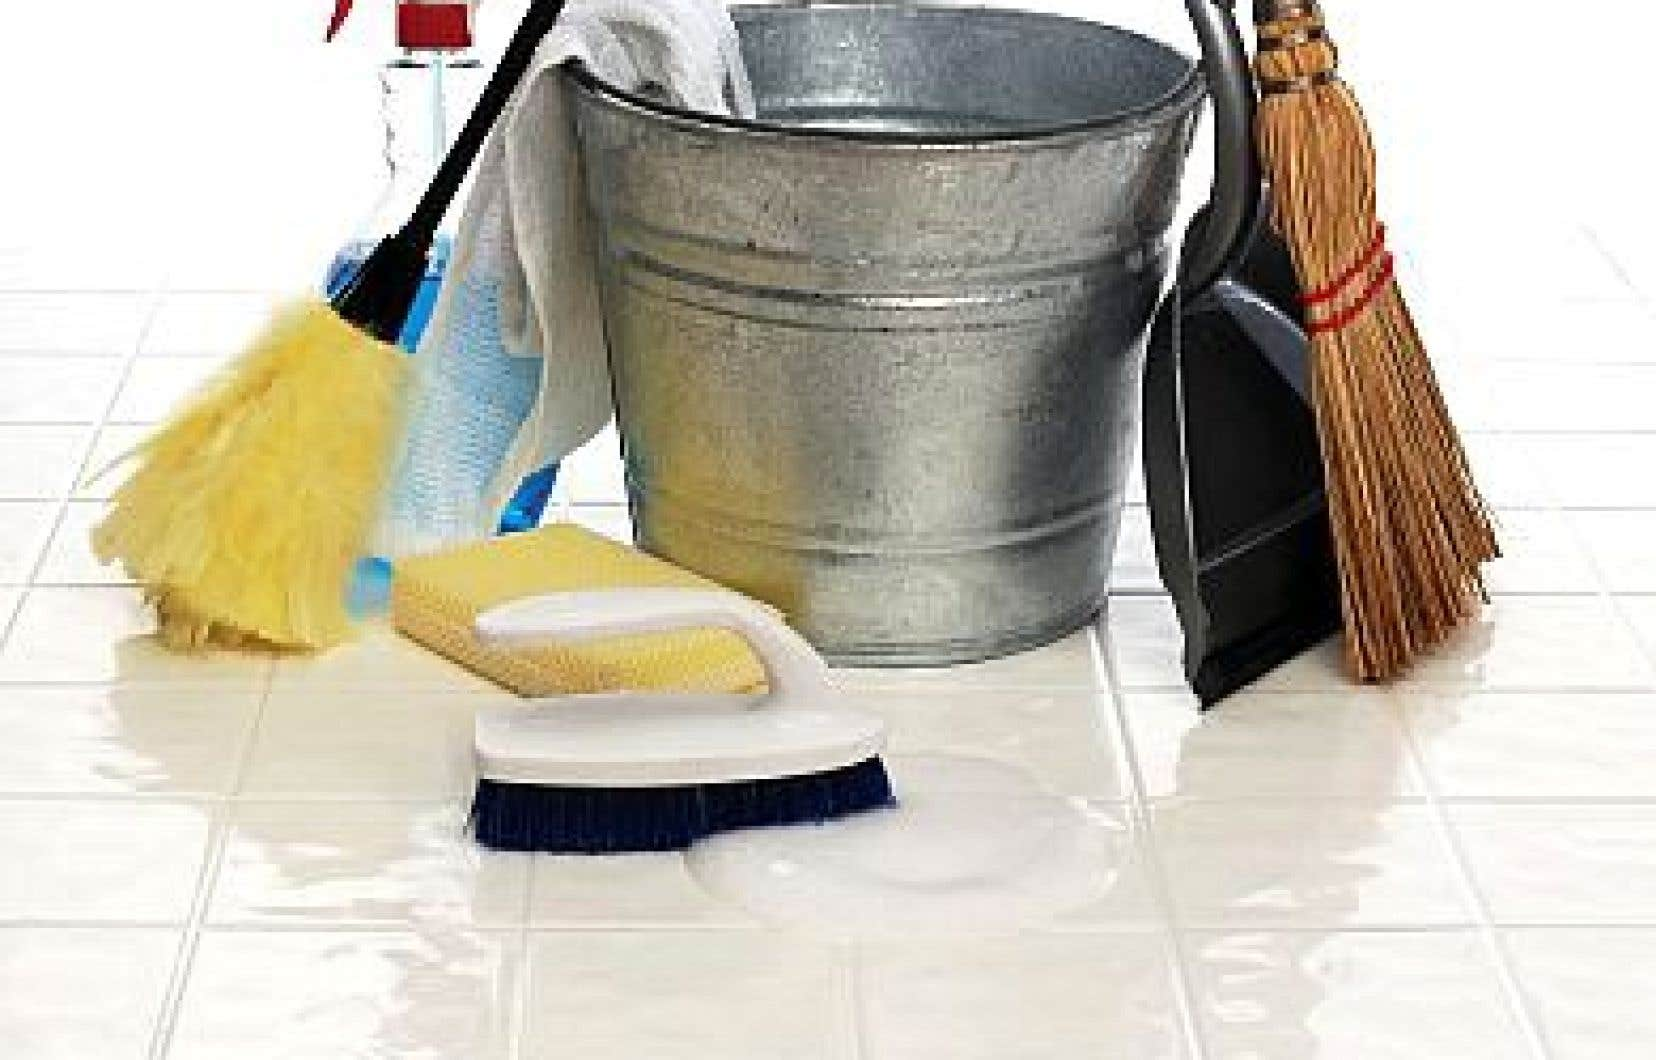 Les produits de nettoyage aussi s'annoncent de plus en plus comme étant «doux pour l'environnement». Mais est-ce vraiment le cas?